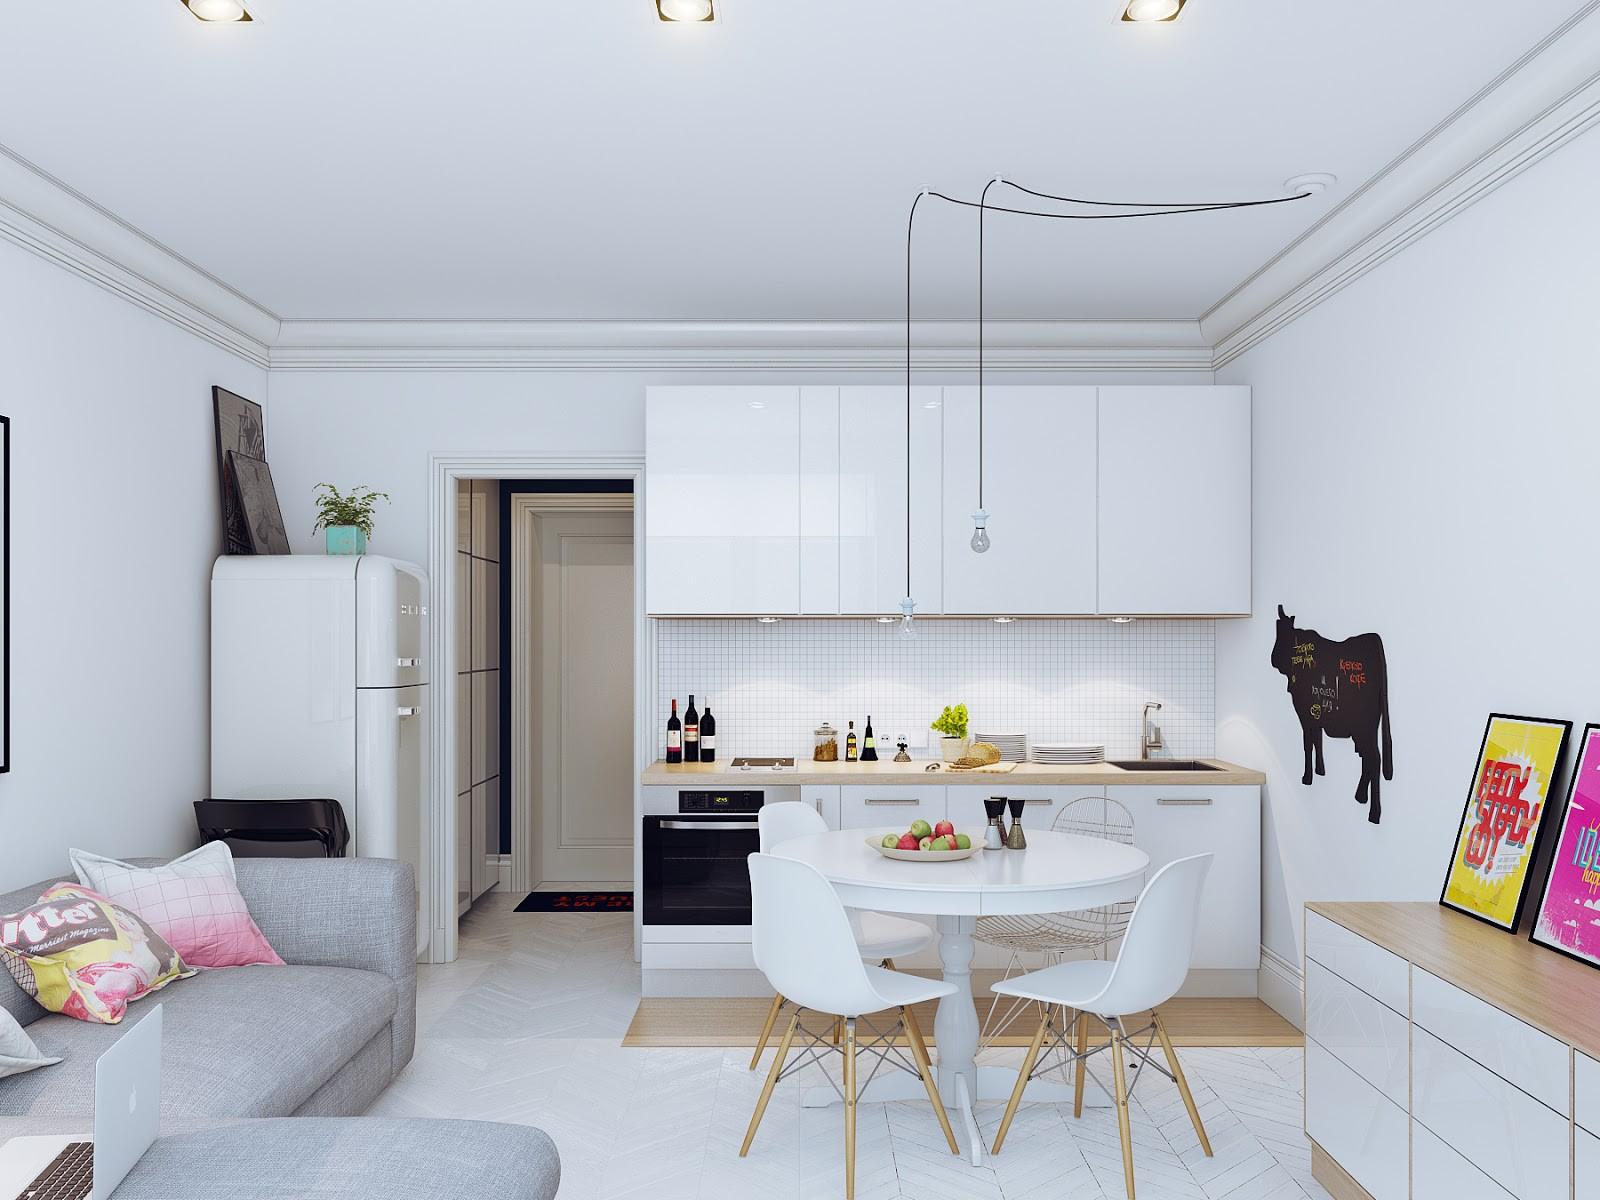 Бело-коричневая кухня с серым диваном